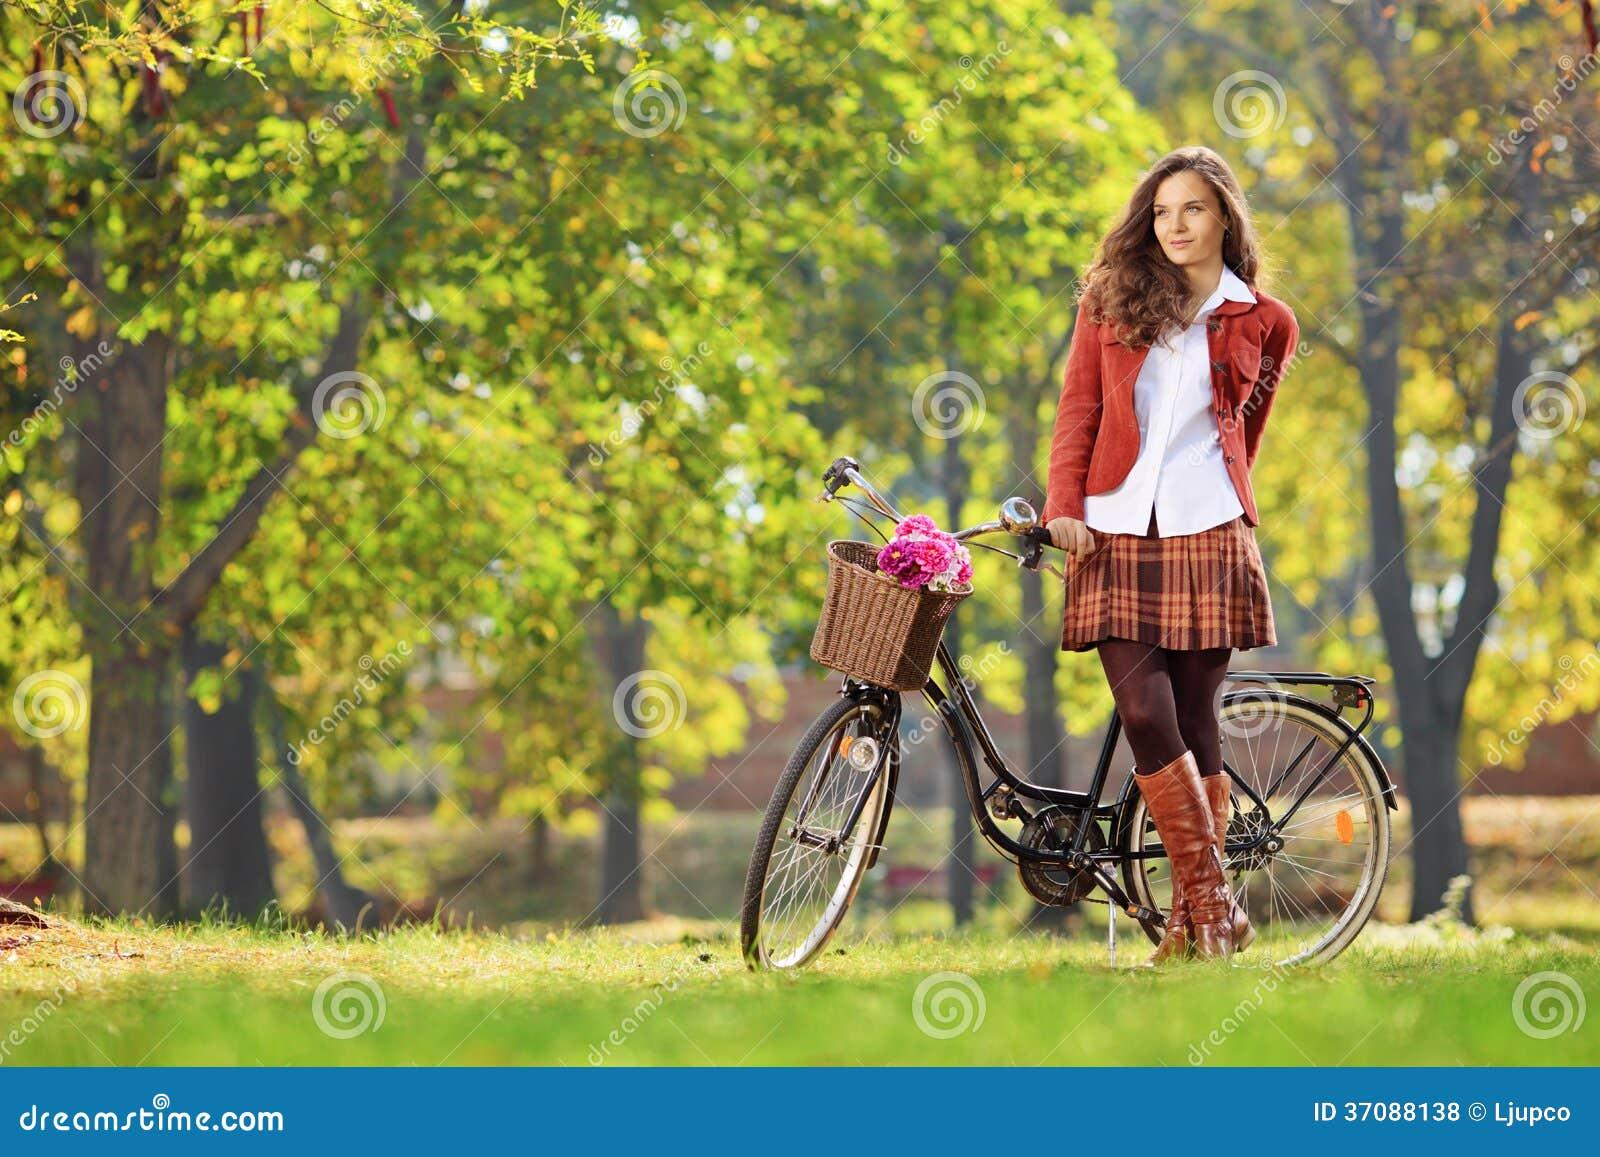 Download Piękna Młoda Kobieta Pozuje W Parku Z Bicyklem Zdjęcie Stock - Obraz złożonej z kwiat, długość: 37088138